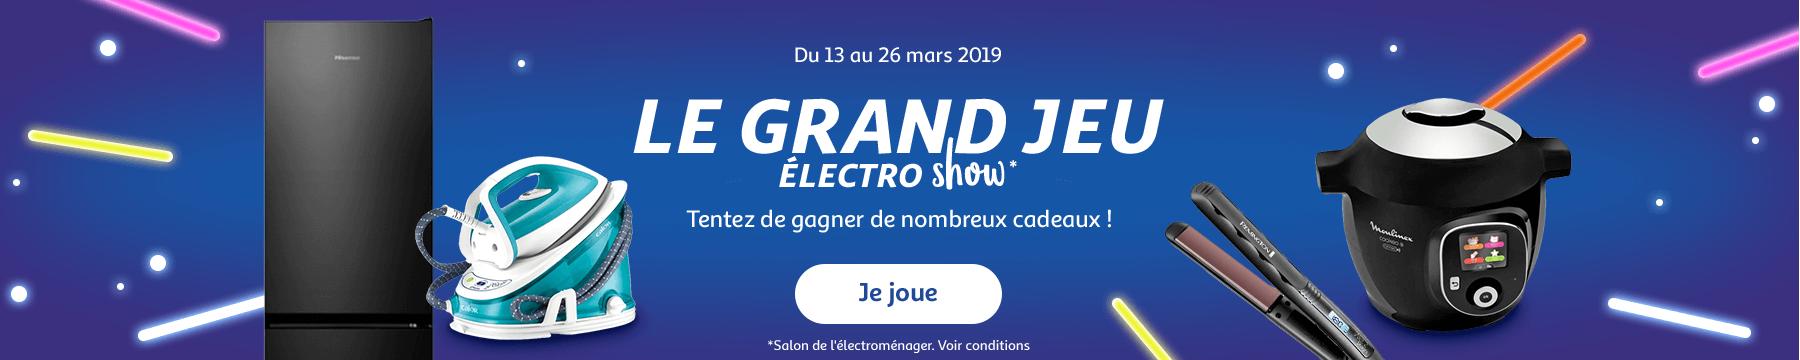 Du 13 au 26 mars 2019 : le grand jeu Electro Show*